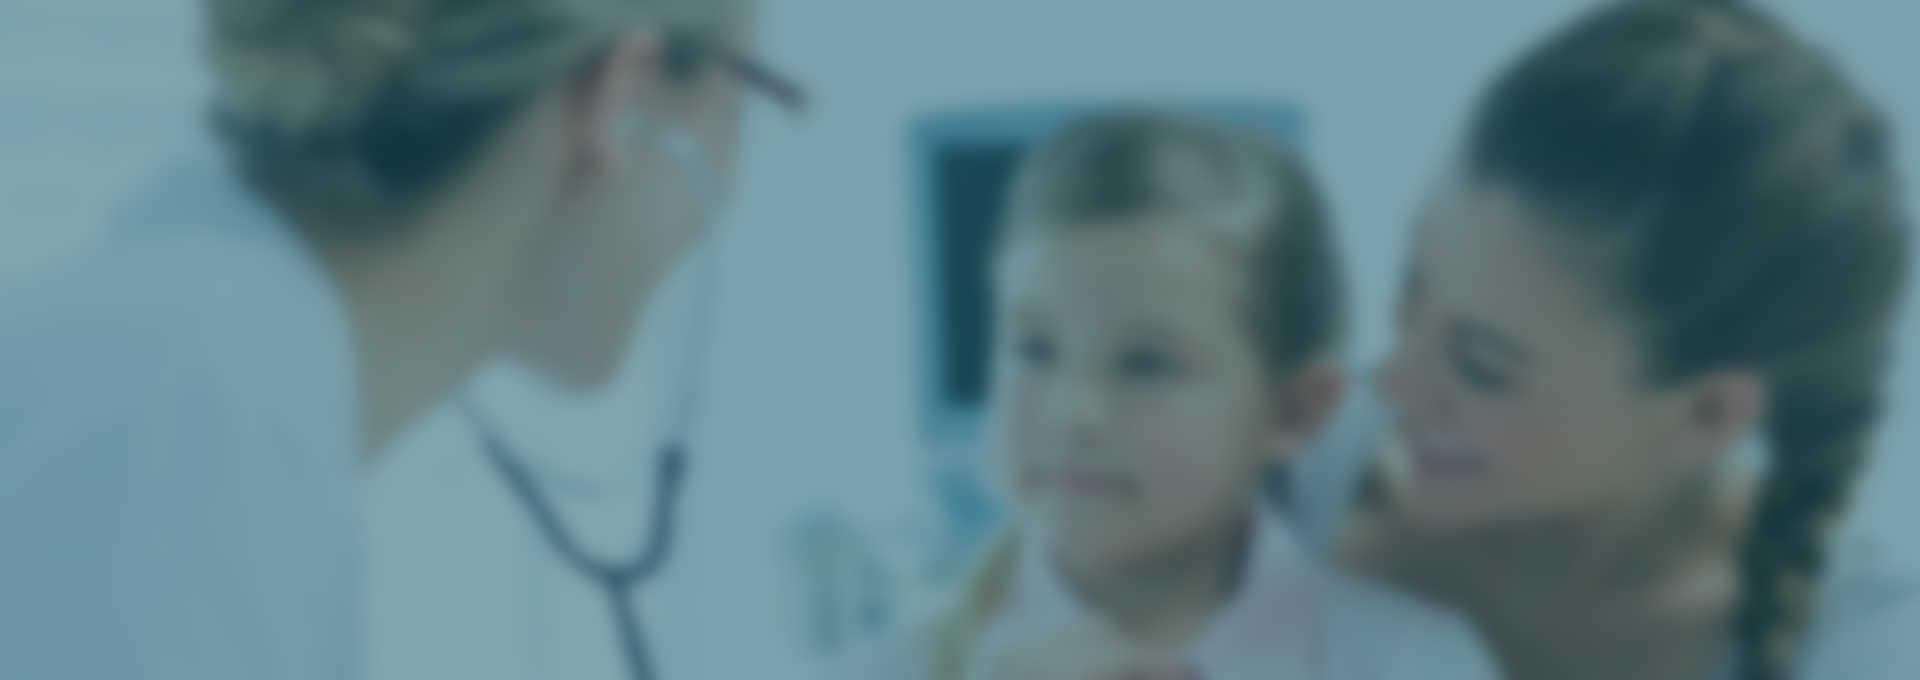 Prenditi cura della tua salute con gli screening